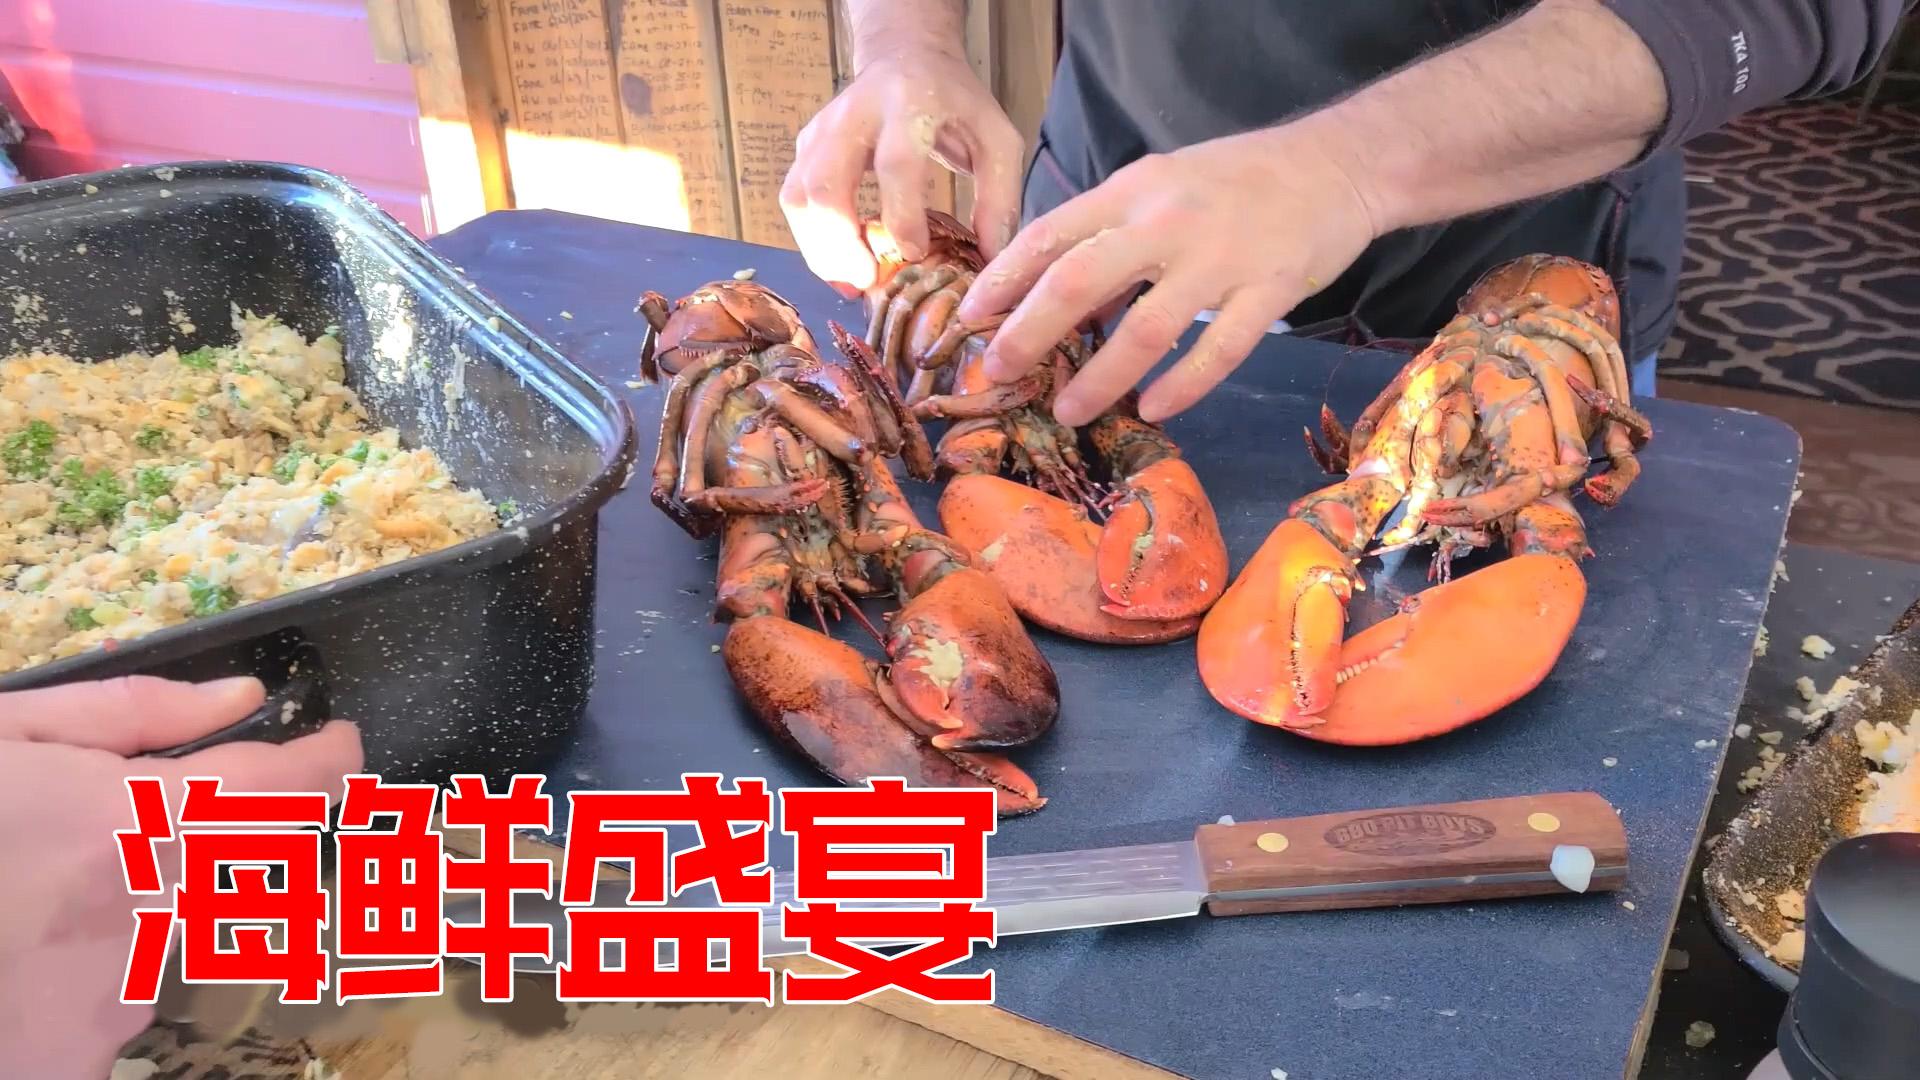 美国土豪BBQ 新年海鲜盛宴导演剪辑版